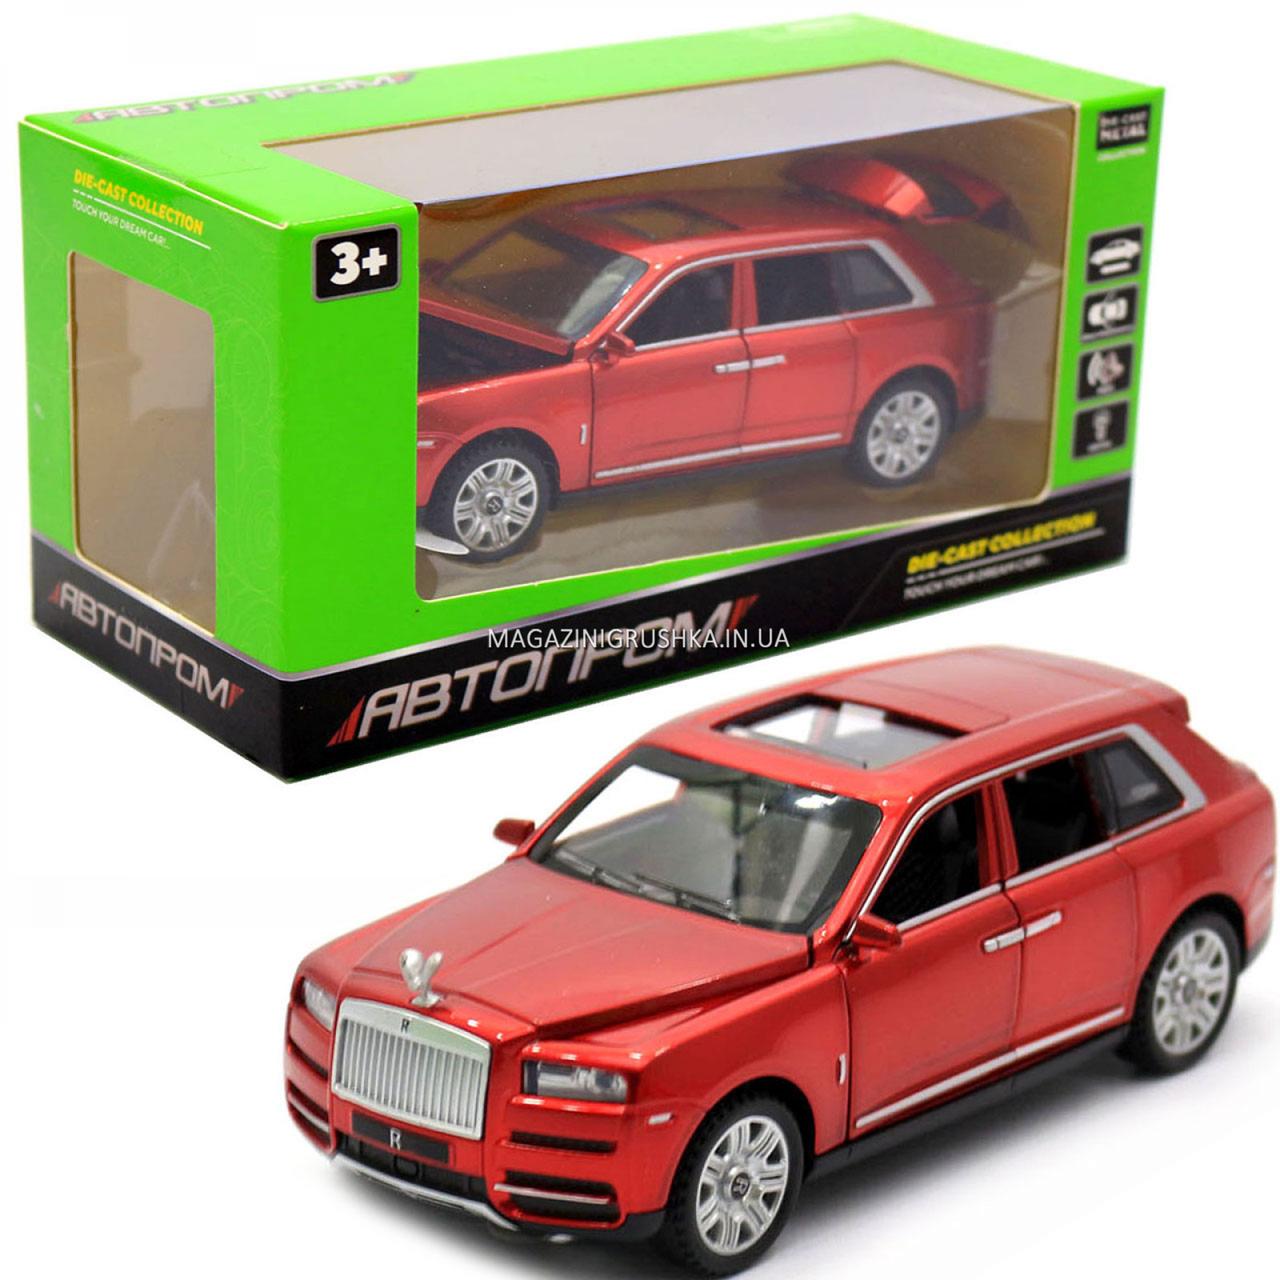 Дитяча машинка ігрова автопром «Rolls-Royce» (Роллс-Ройс) 15 см, світло, звук, двері відкриваються, червоний